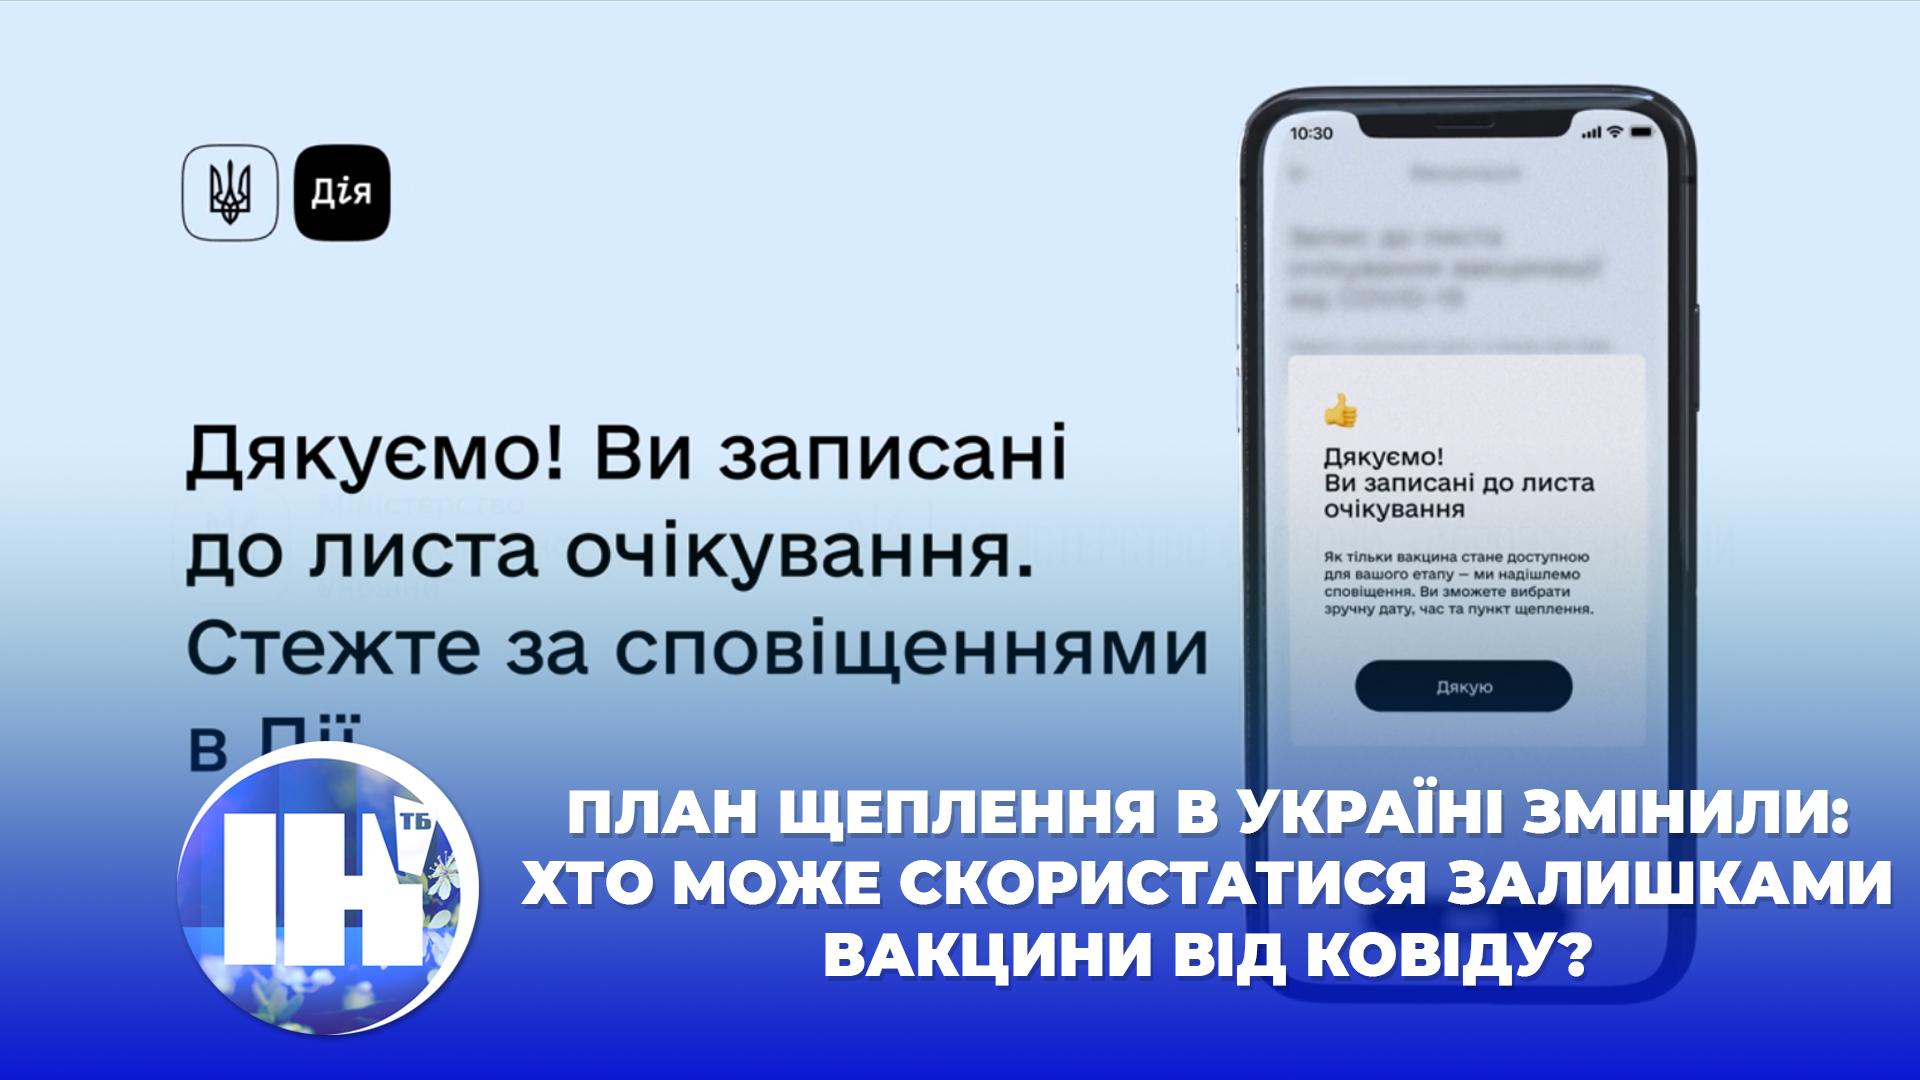 План щеплення в Україні змінили: хто може скористатися залишками вакцини від ковіду?